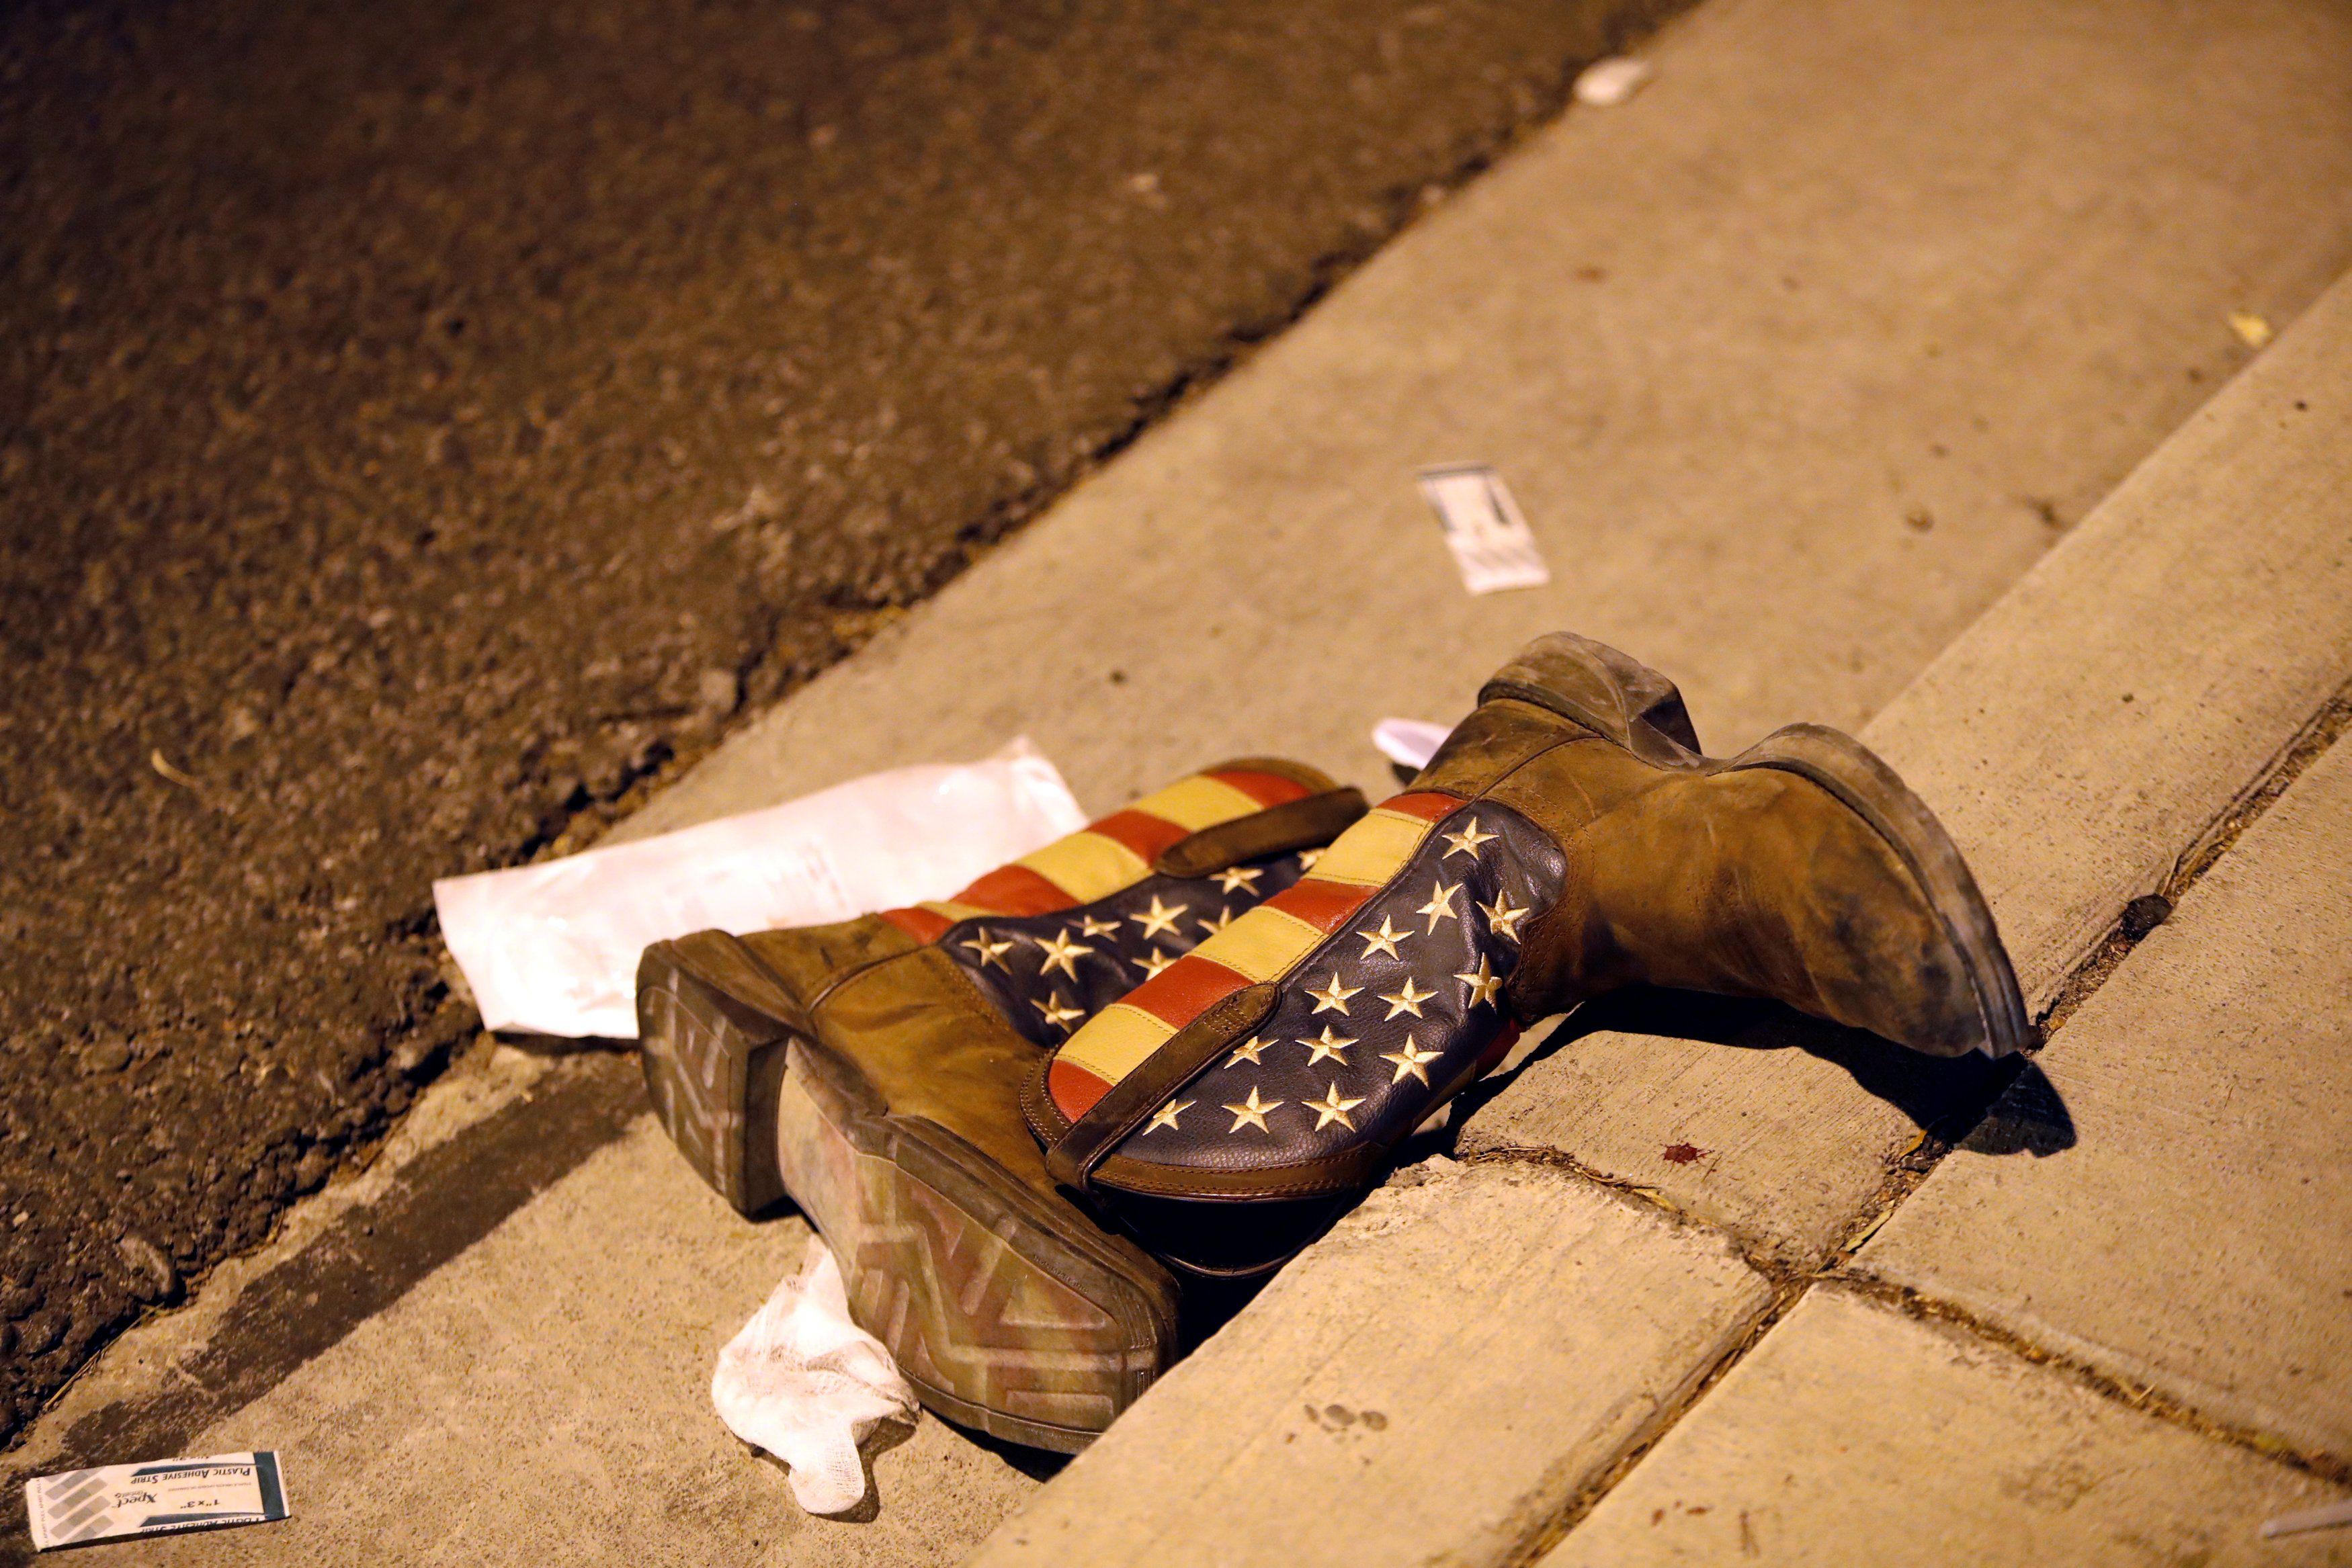 Пара ковбойских сапог после стрельбы в Лас-Вегасе.